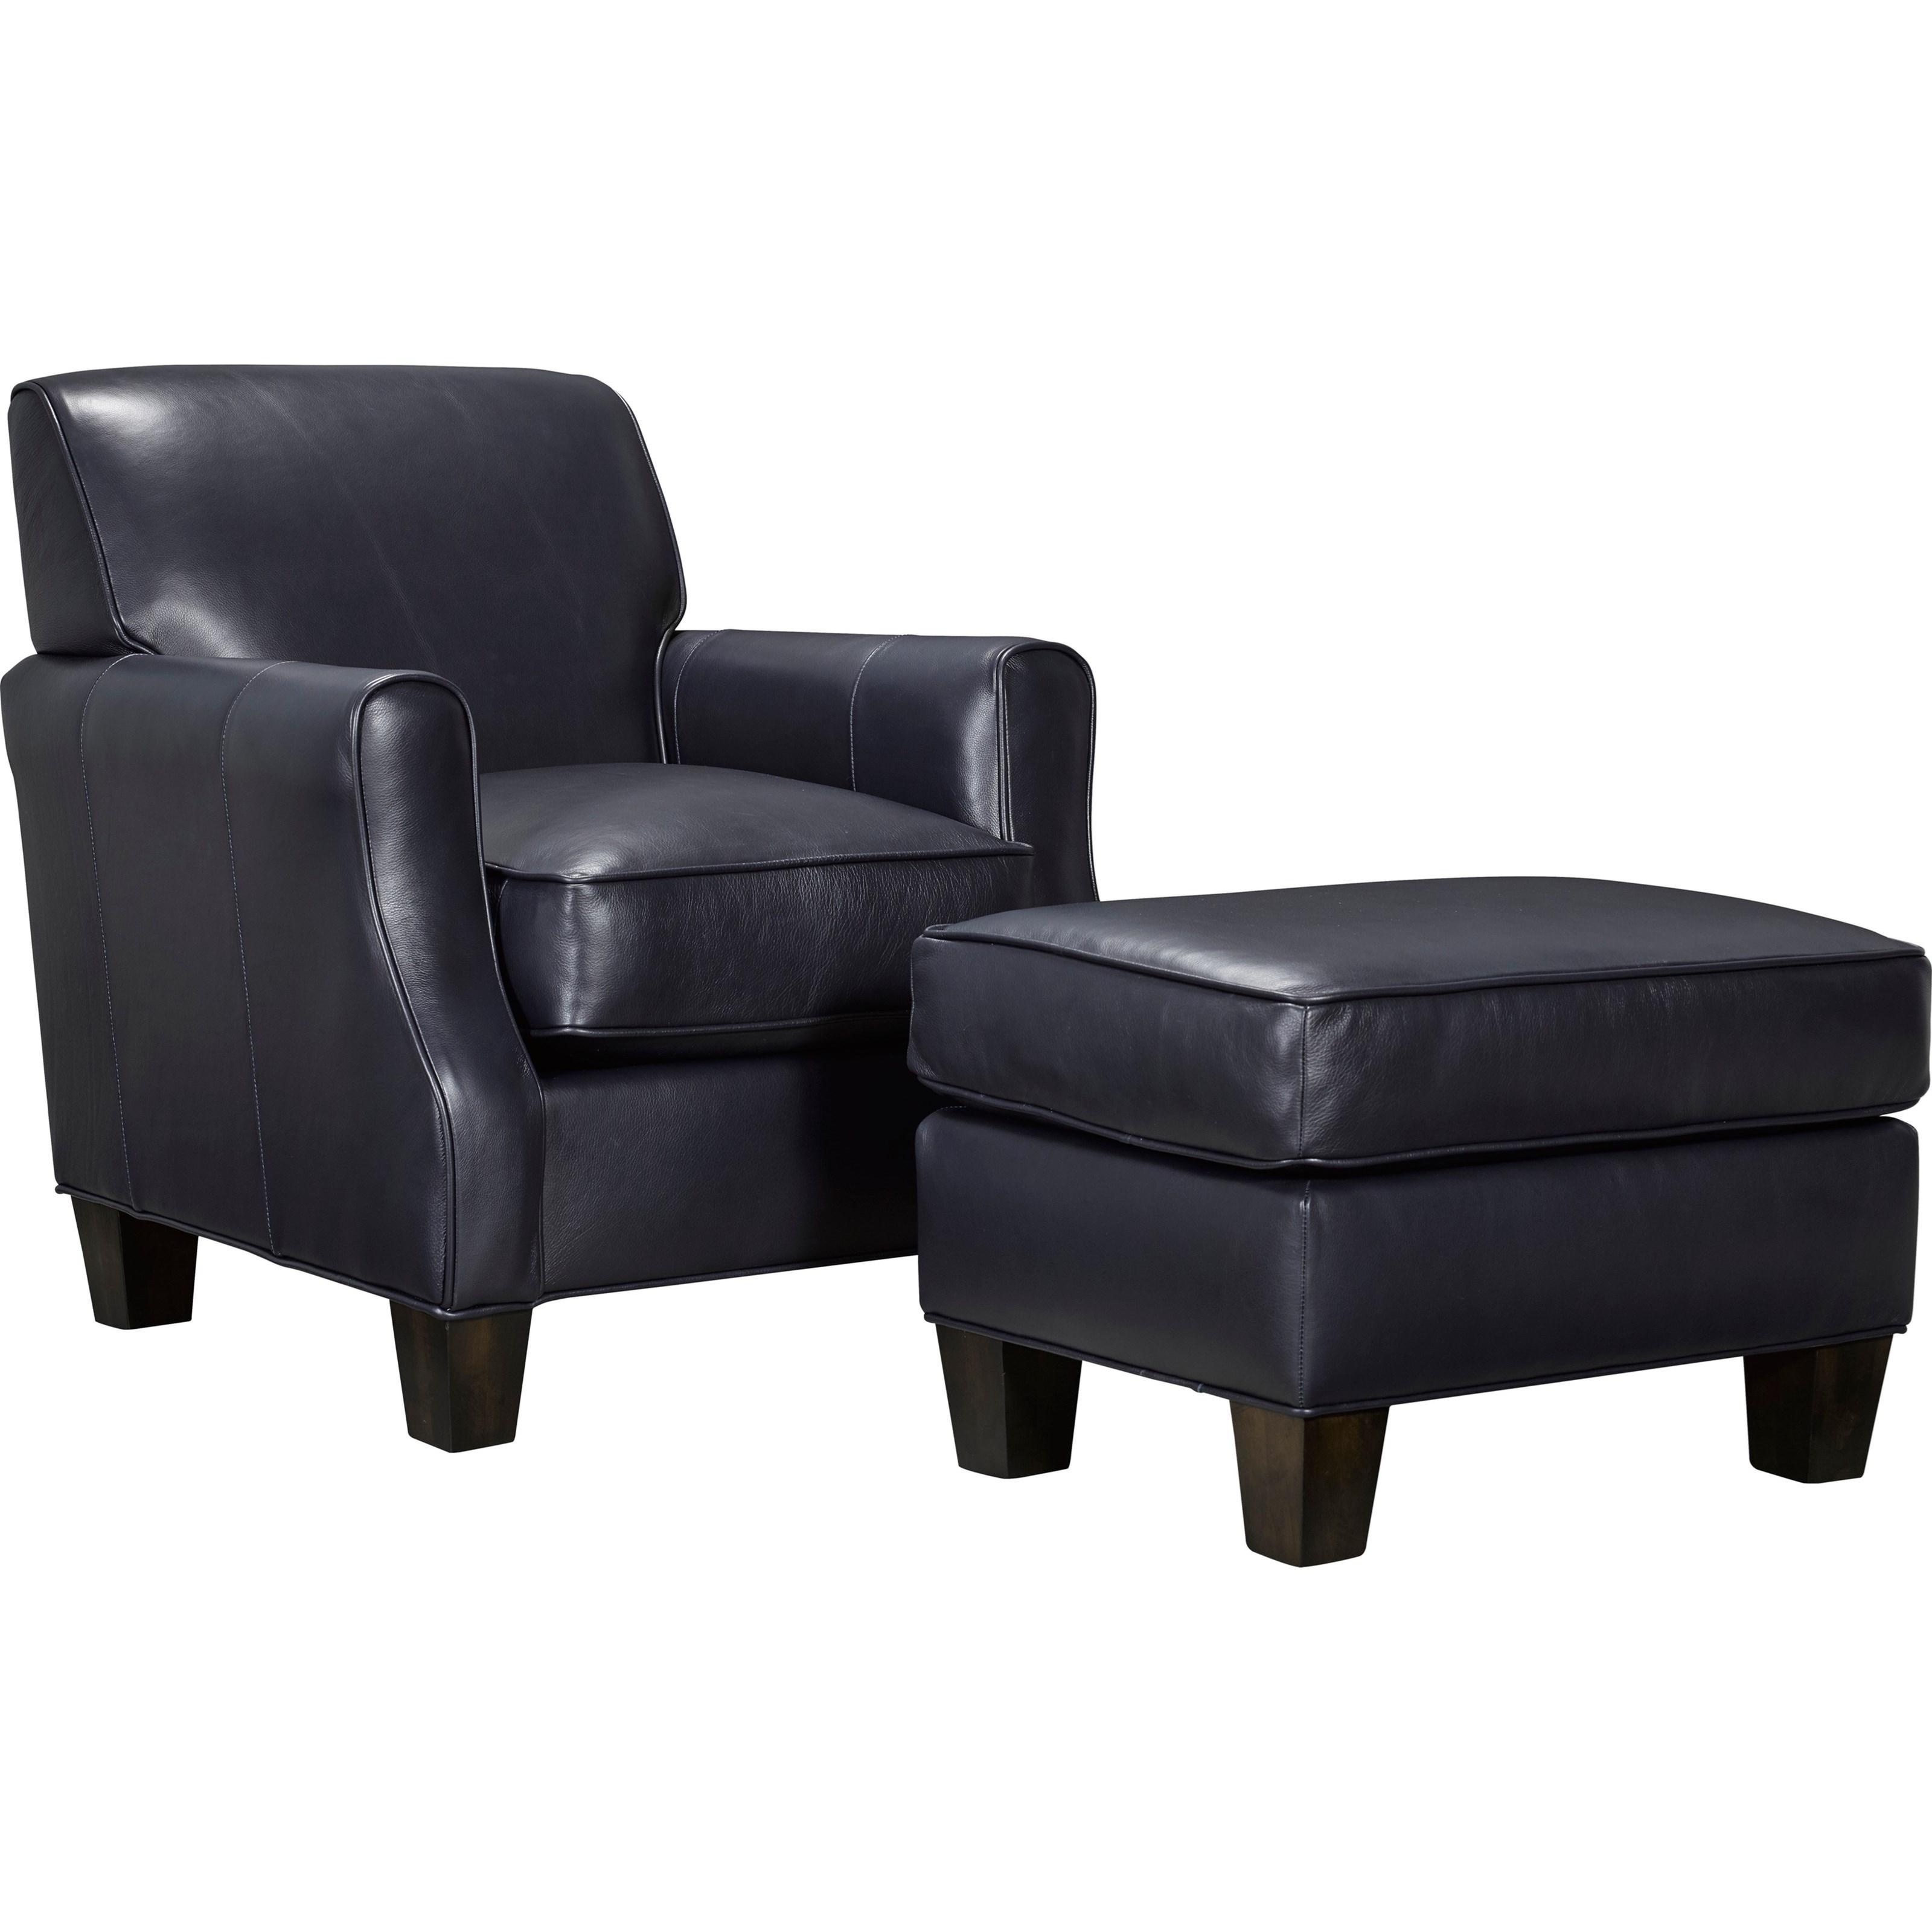 Chair Ottoman Sets Klaussner Tiburon Chair And Ottoman